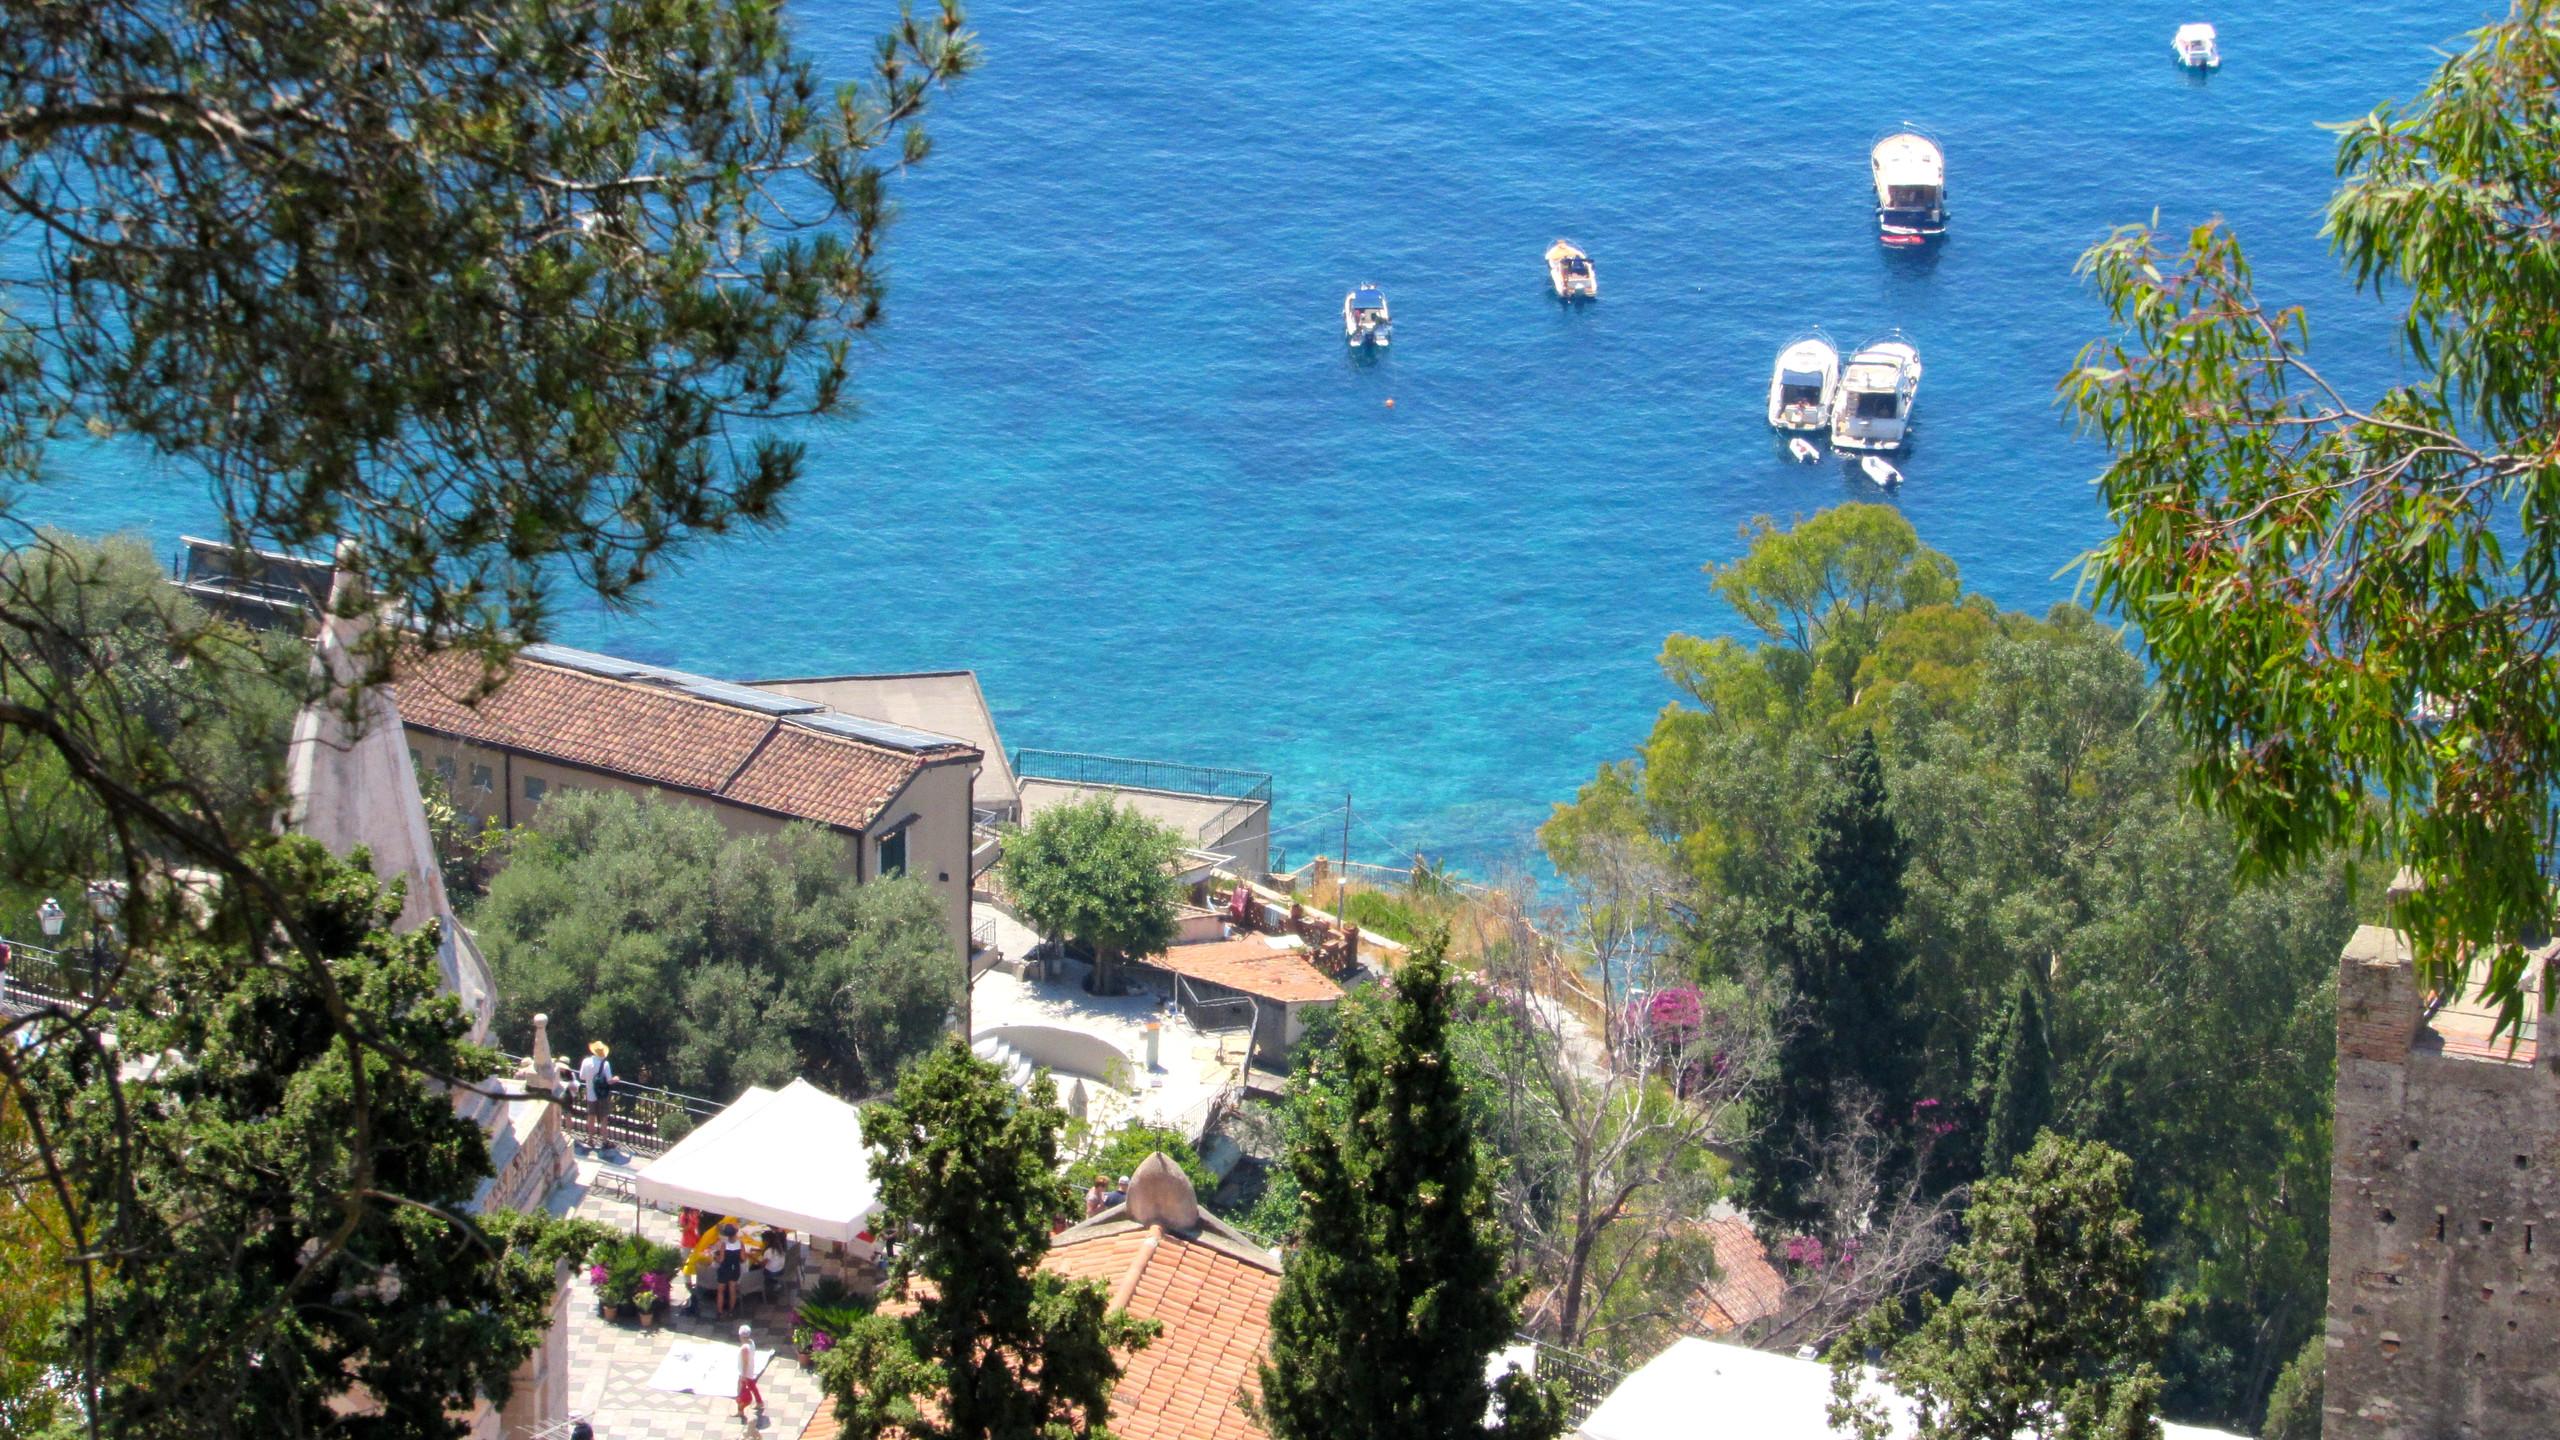 Hiking in Taormina